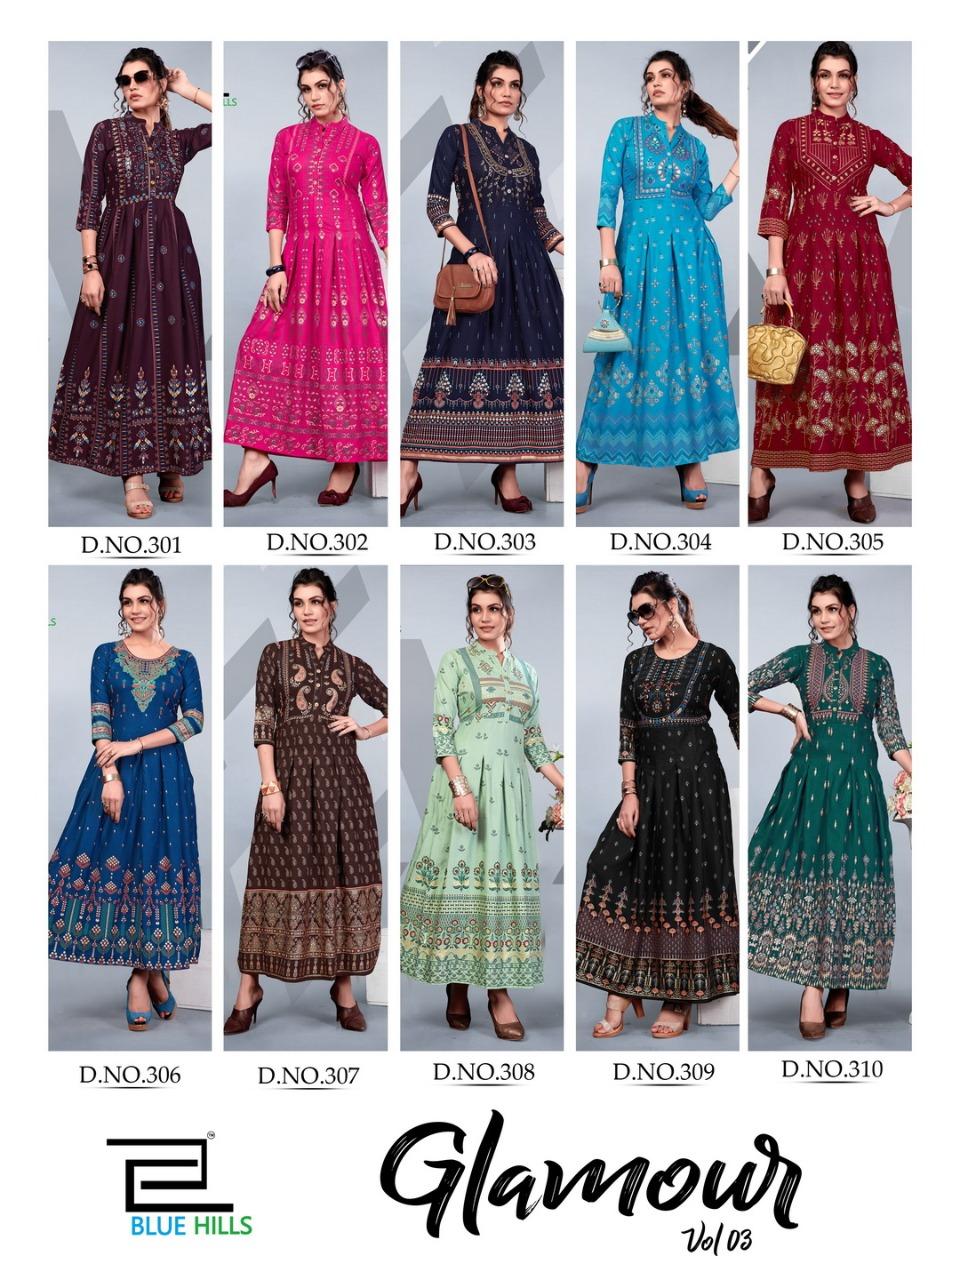 Blue Hills Glamour Vol 3 Kurti Wholesale Catalog 10 Pcs 13 - Blue Hills Glamour Vol 3 Kurti Wholesale Catalog 10 Pcs